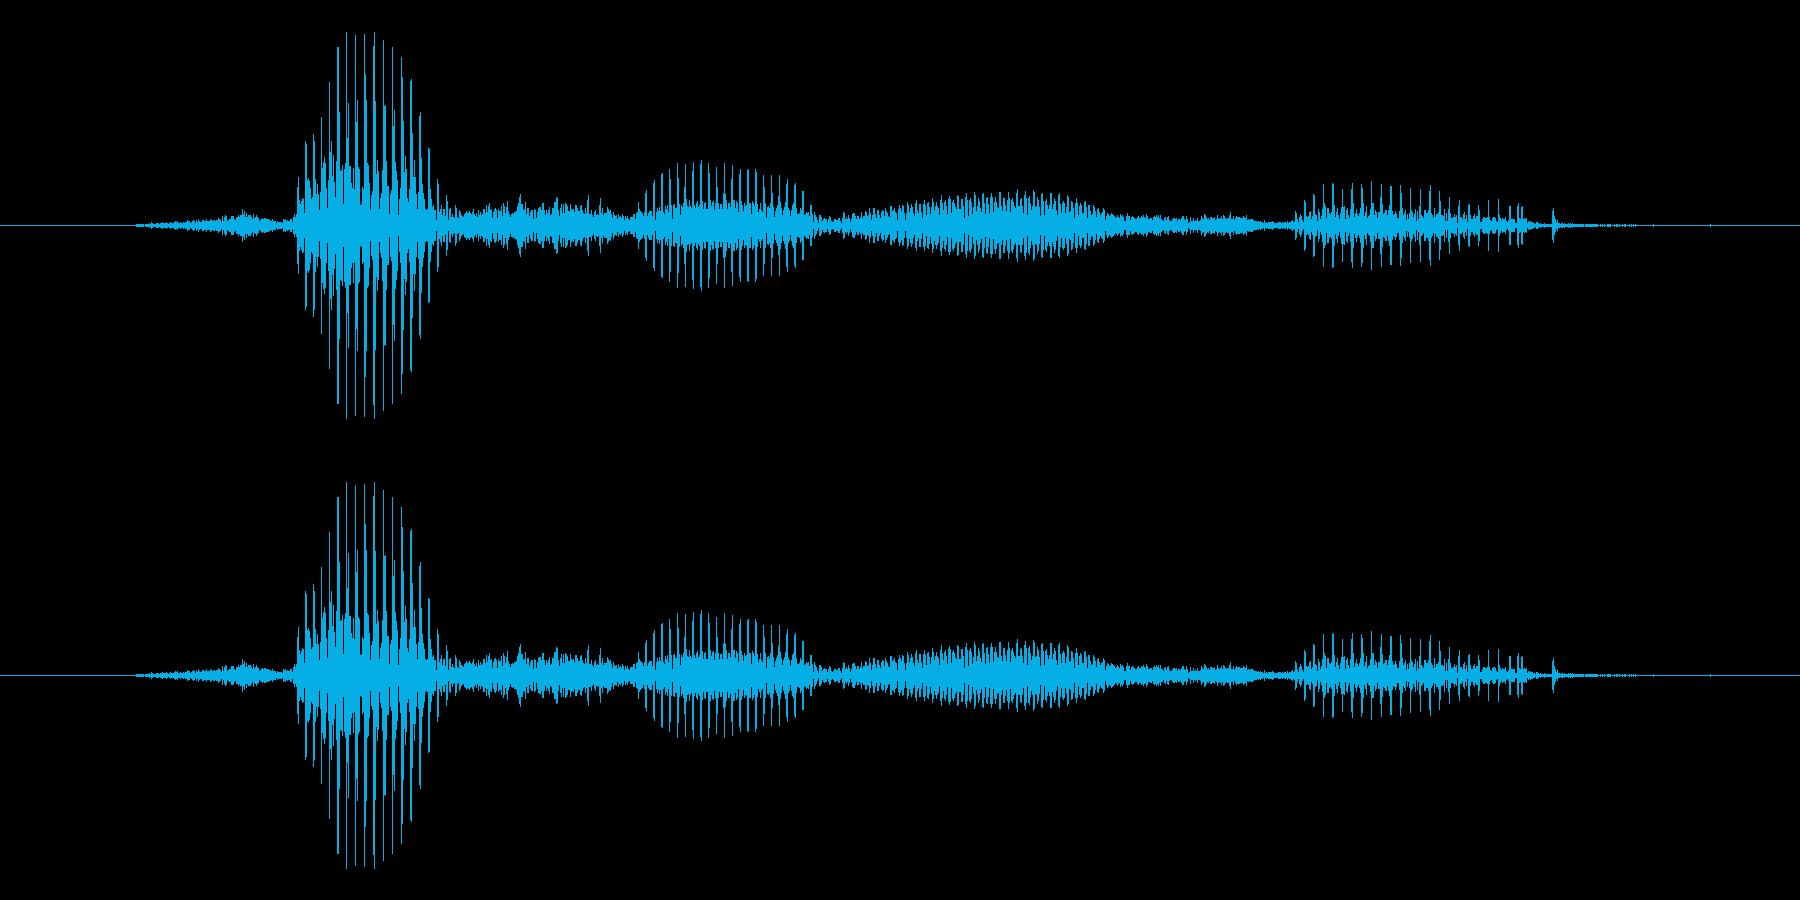 【星座】蠍座の再生済みの波形